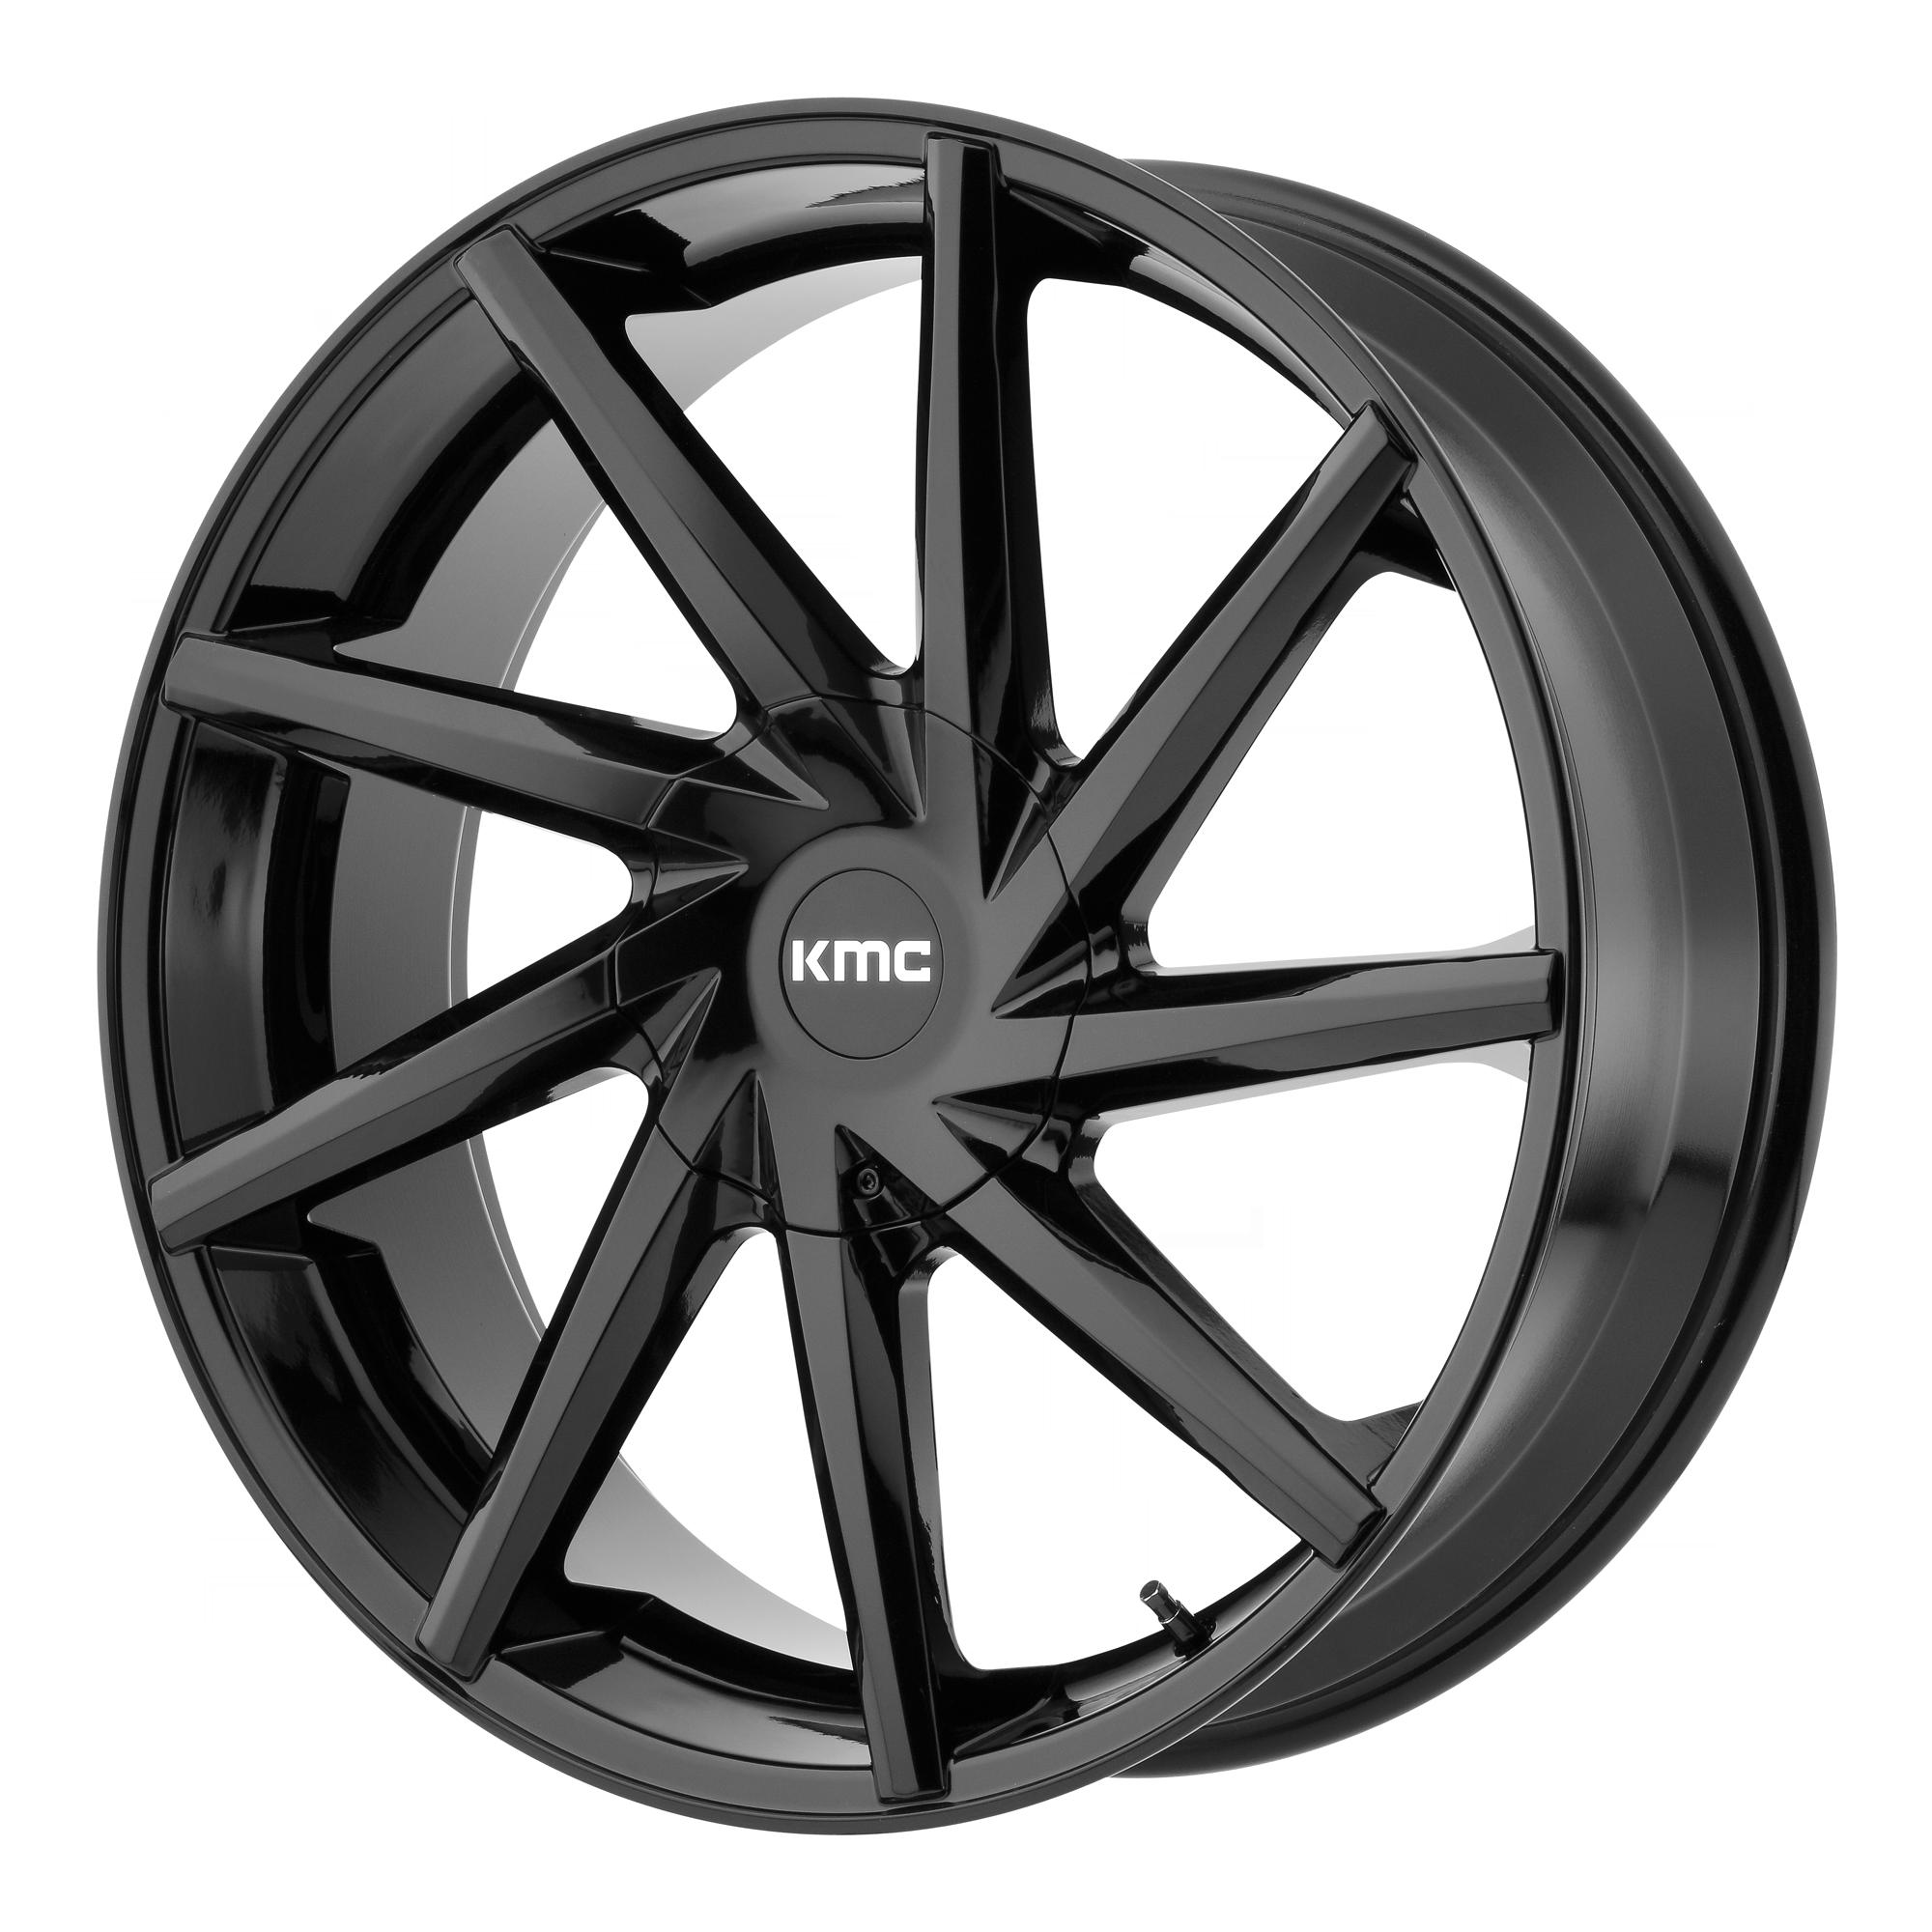 KMC Wheels BURST Gloss Black